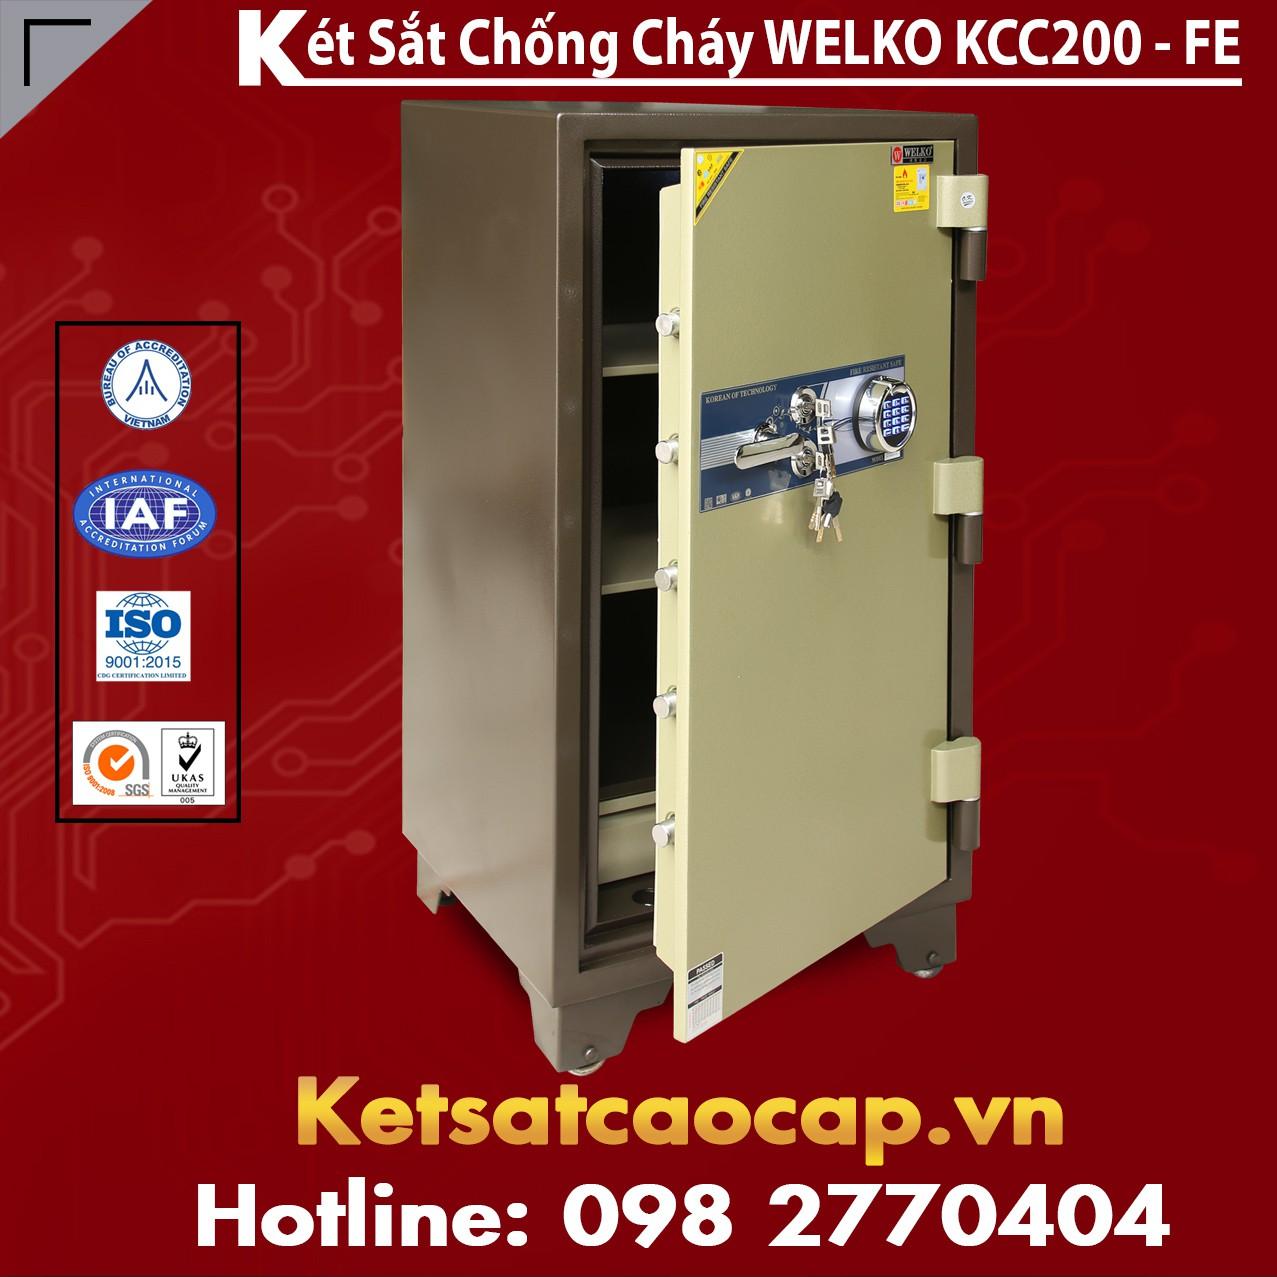 Két Sắt Welko KCC200 FE - Brown